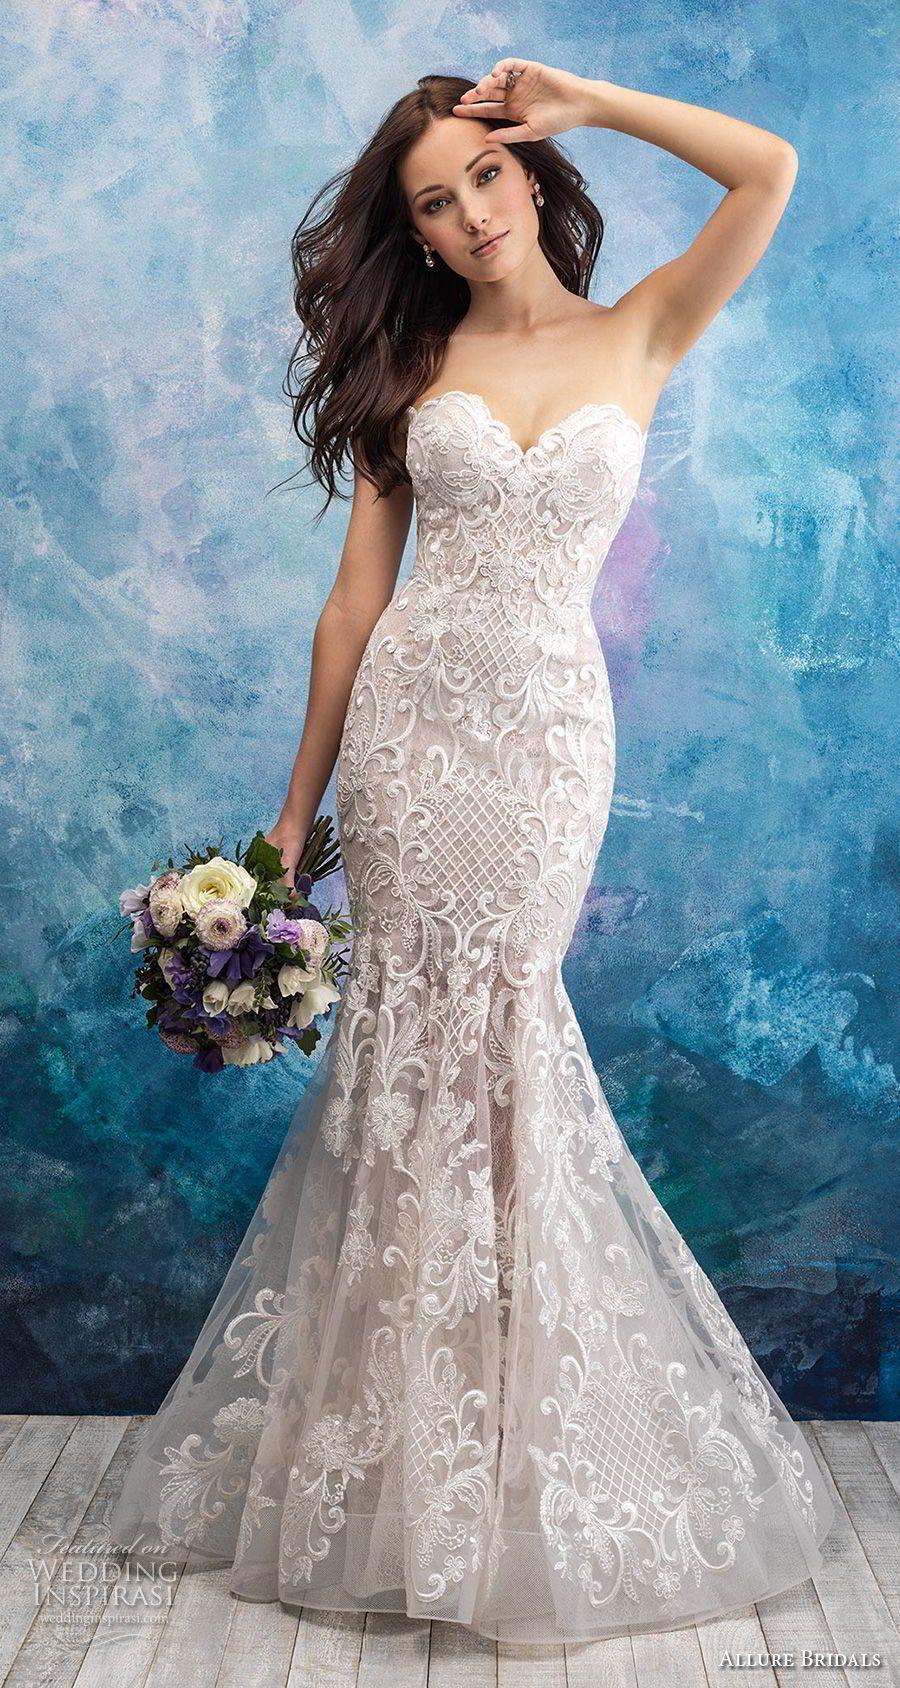 Elegant mermaid wedding dresses  Allure Bridals Fall  Wedding Dresses  Allure bridal Mermaid